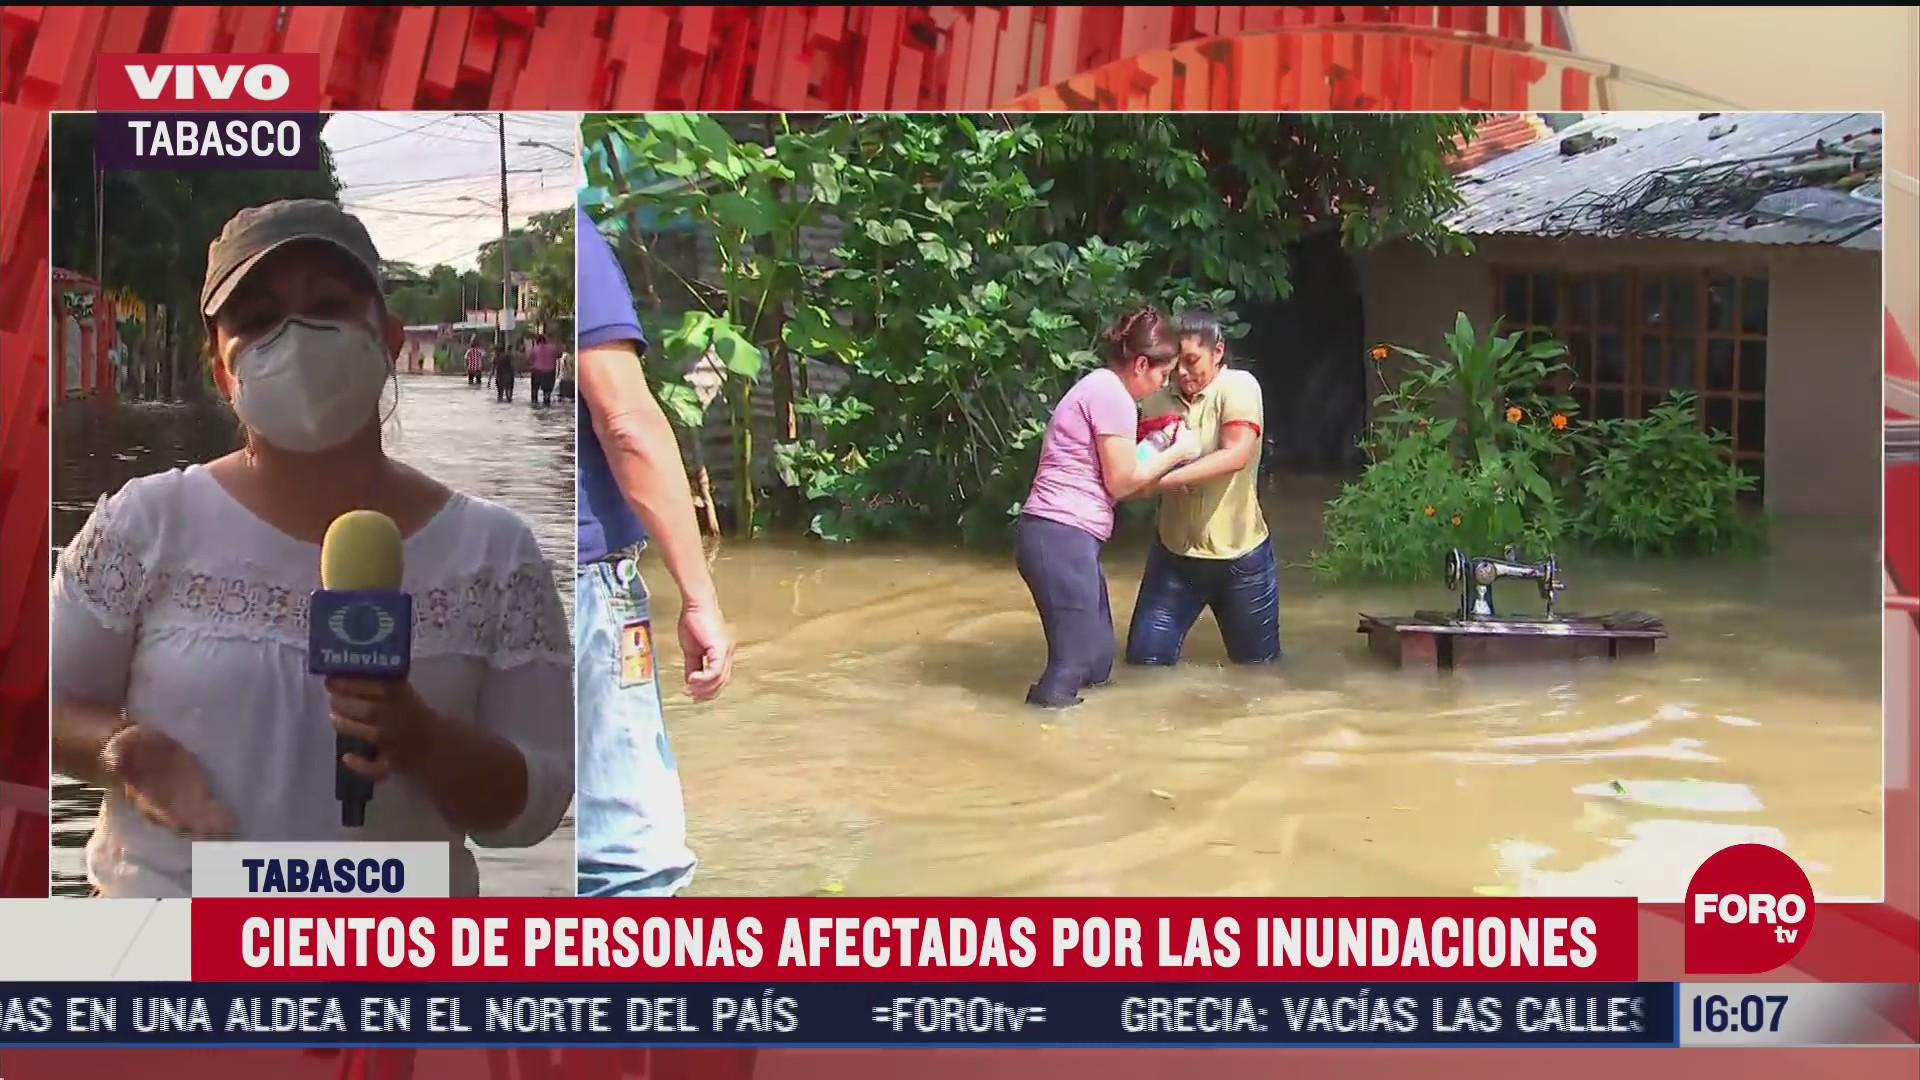 suben a seis los muertos los muertos en tabasco por inundaciones